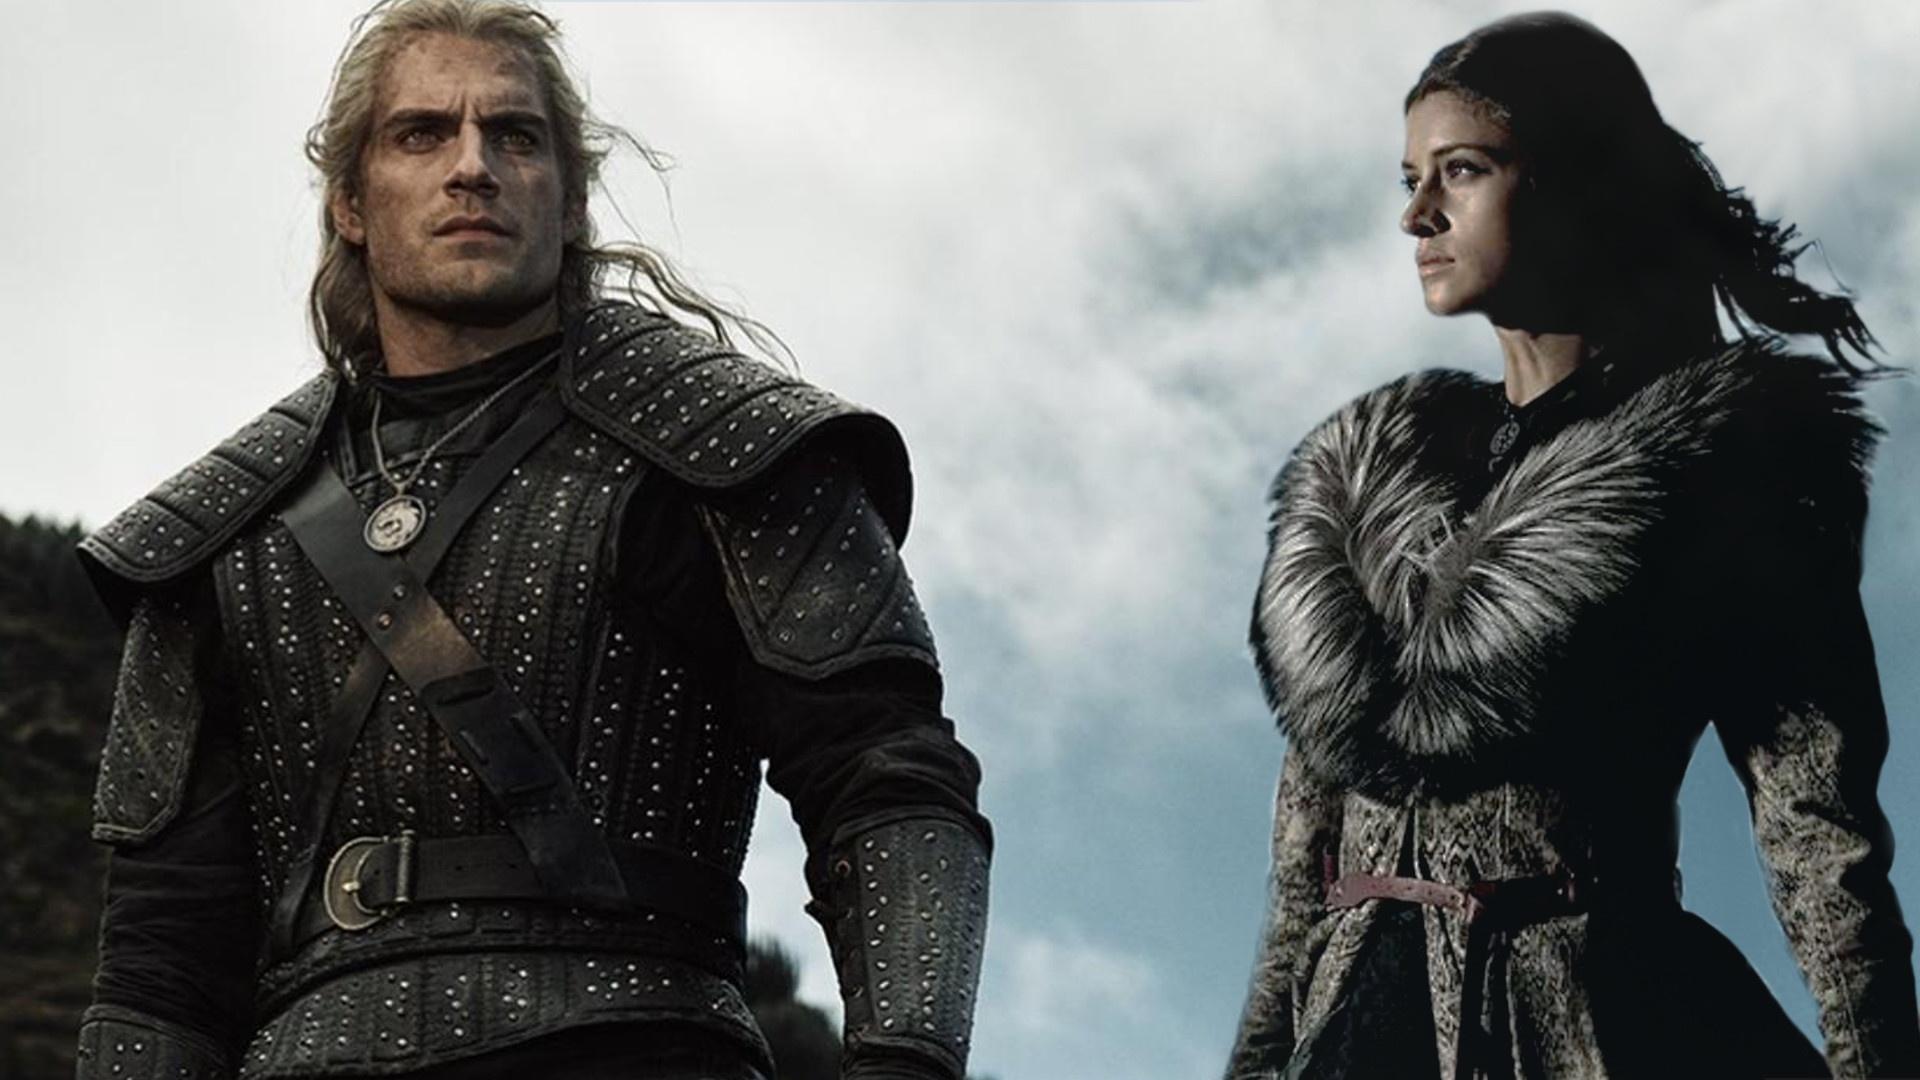 سریال The Witcher بالاترین امتیاز سریالهای نتفلیکس در IMDB را کسب کرد